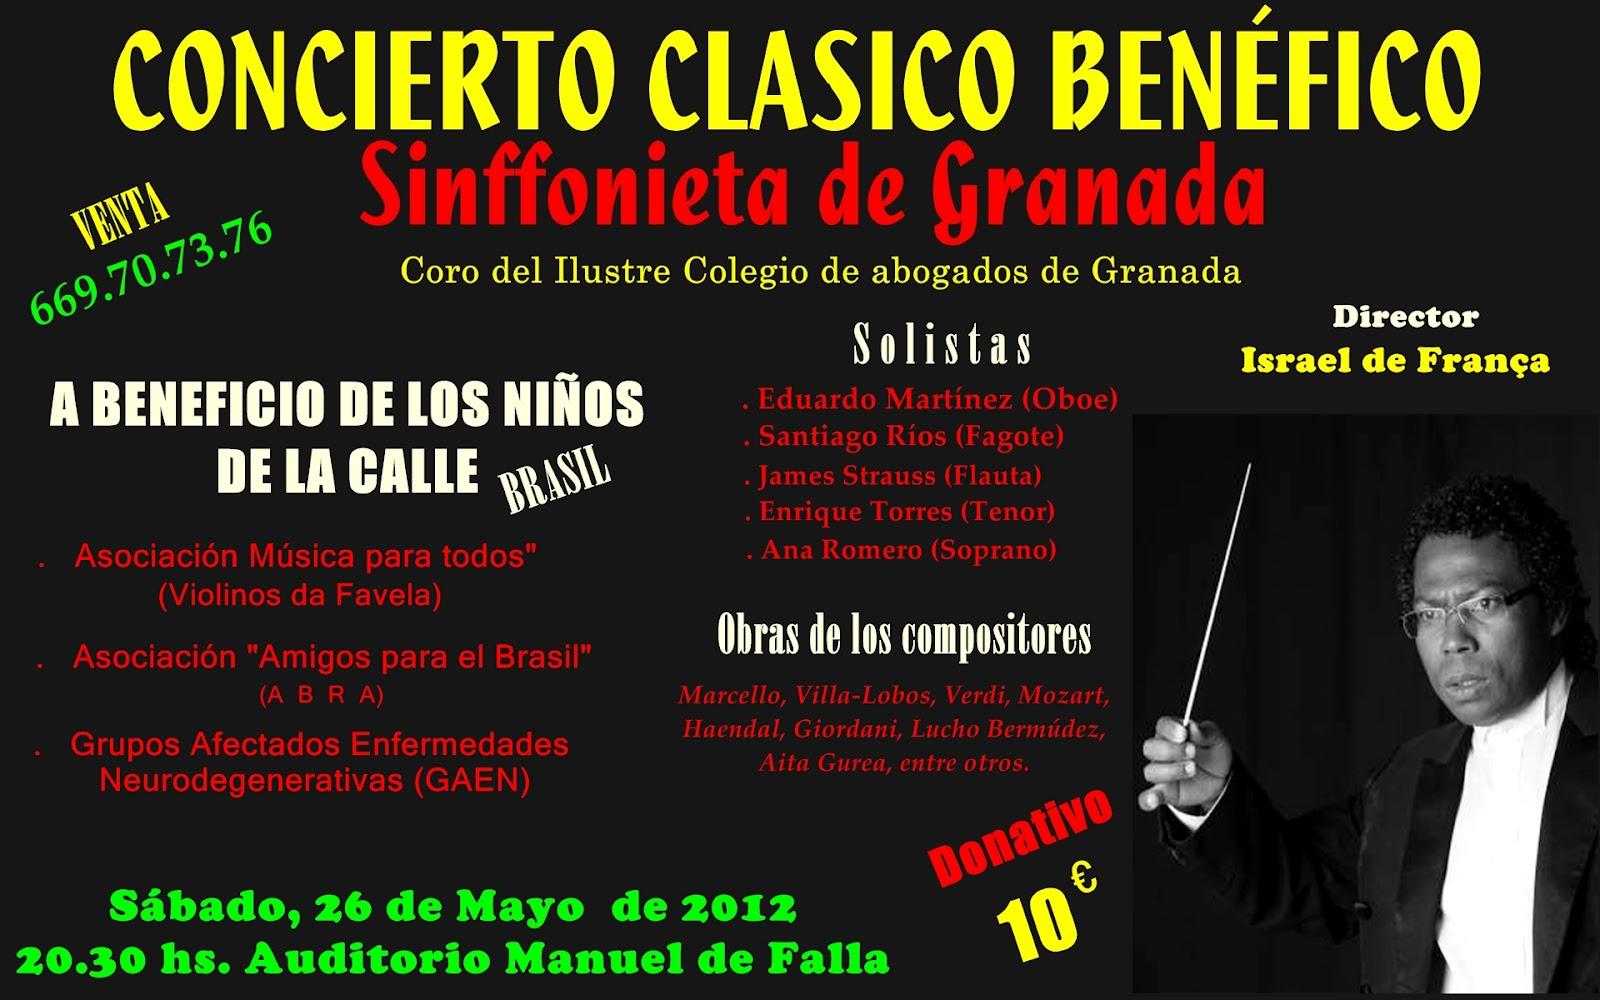 Pastoral familiar archidiocesis de granada concierto for Concierto hoy en santiago